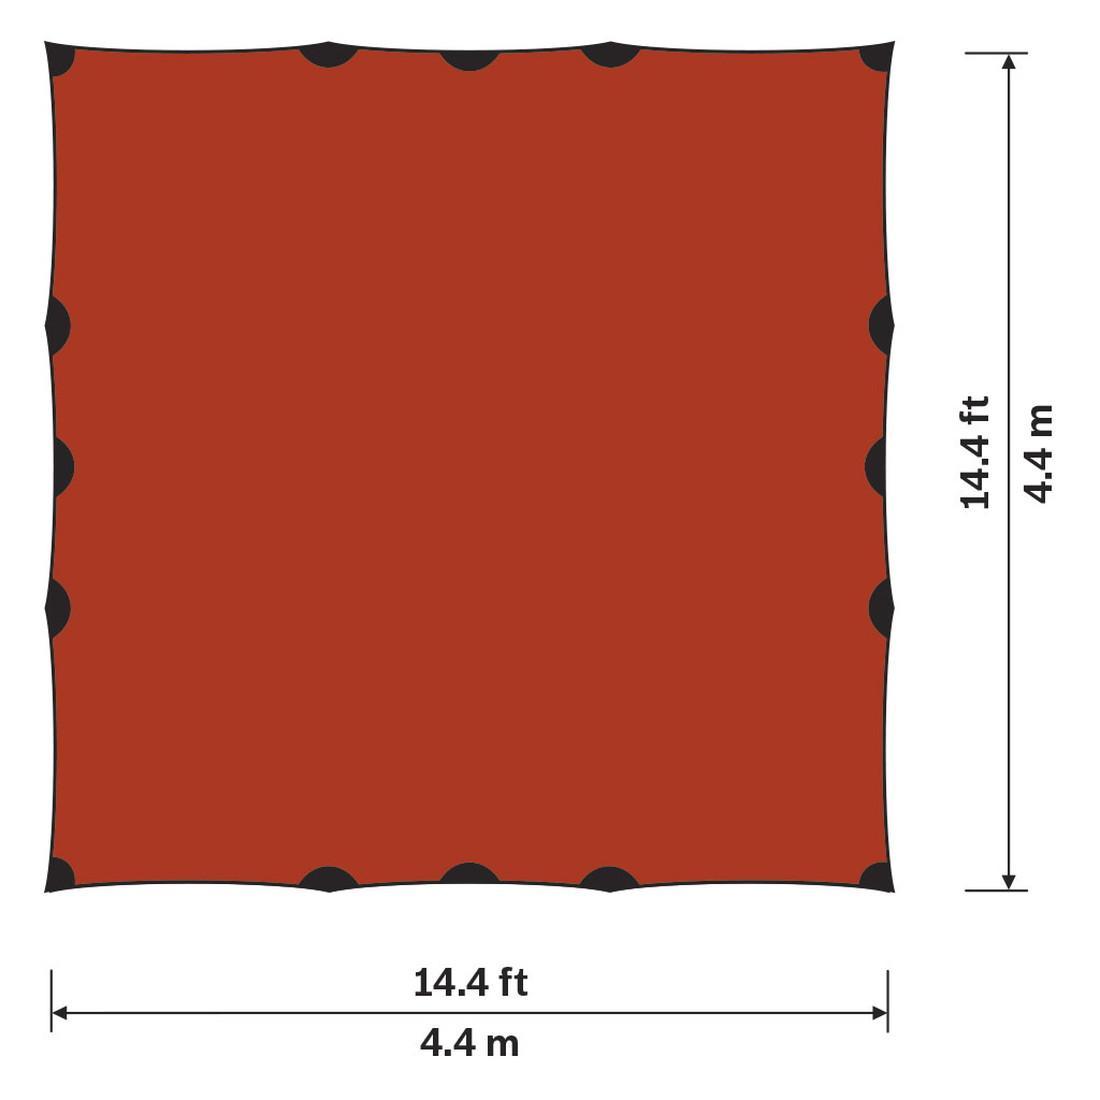 ヒルバーグ タープ20XP エクスペディション  国内正規品